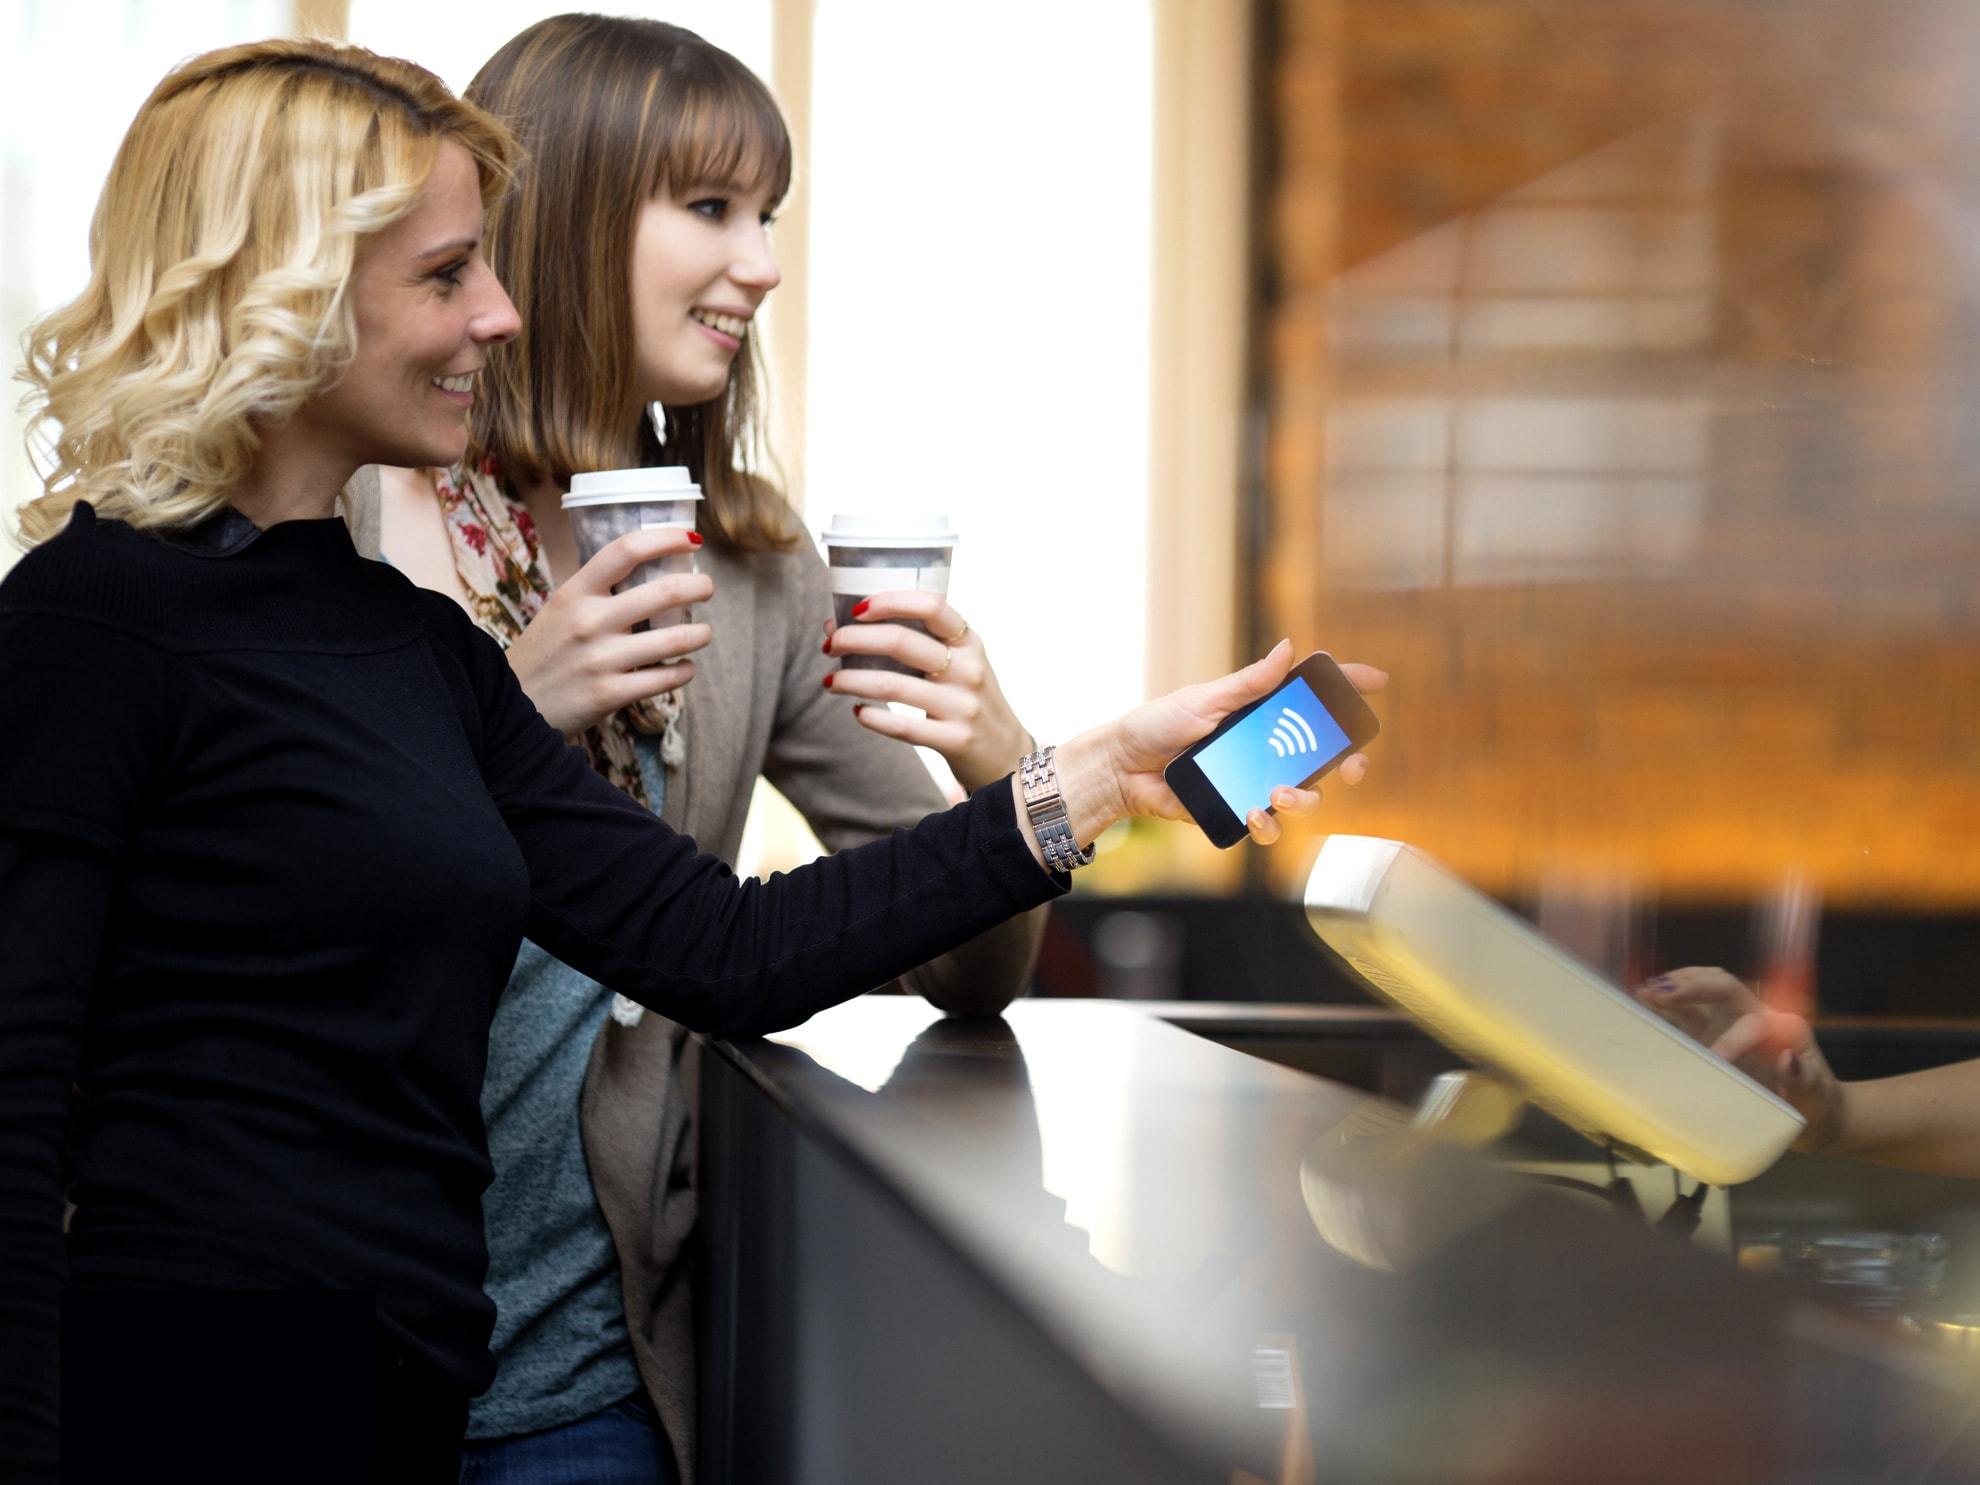 hotels_digitalization_zucchetti